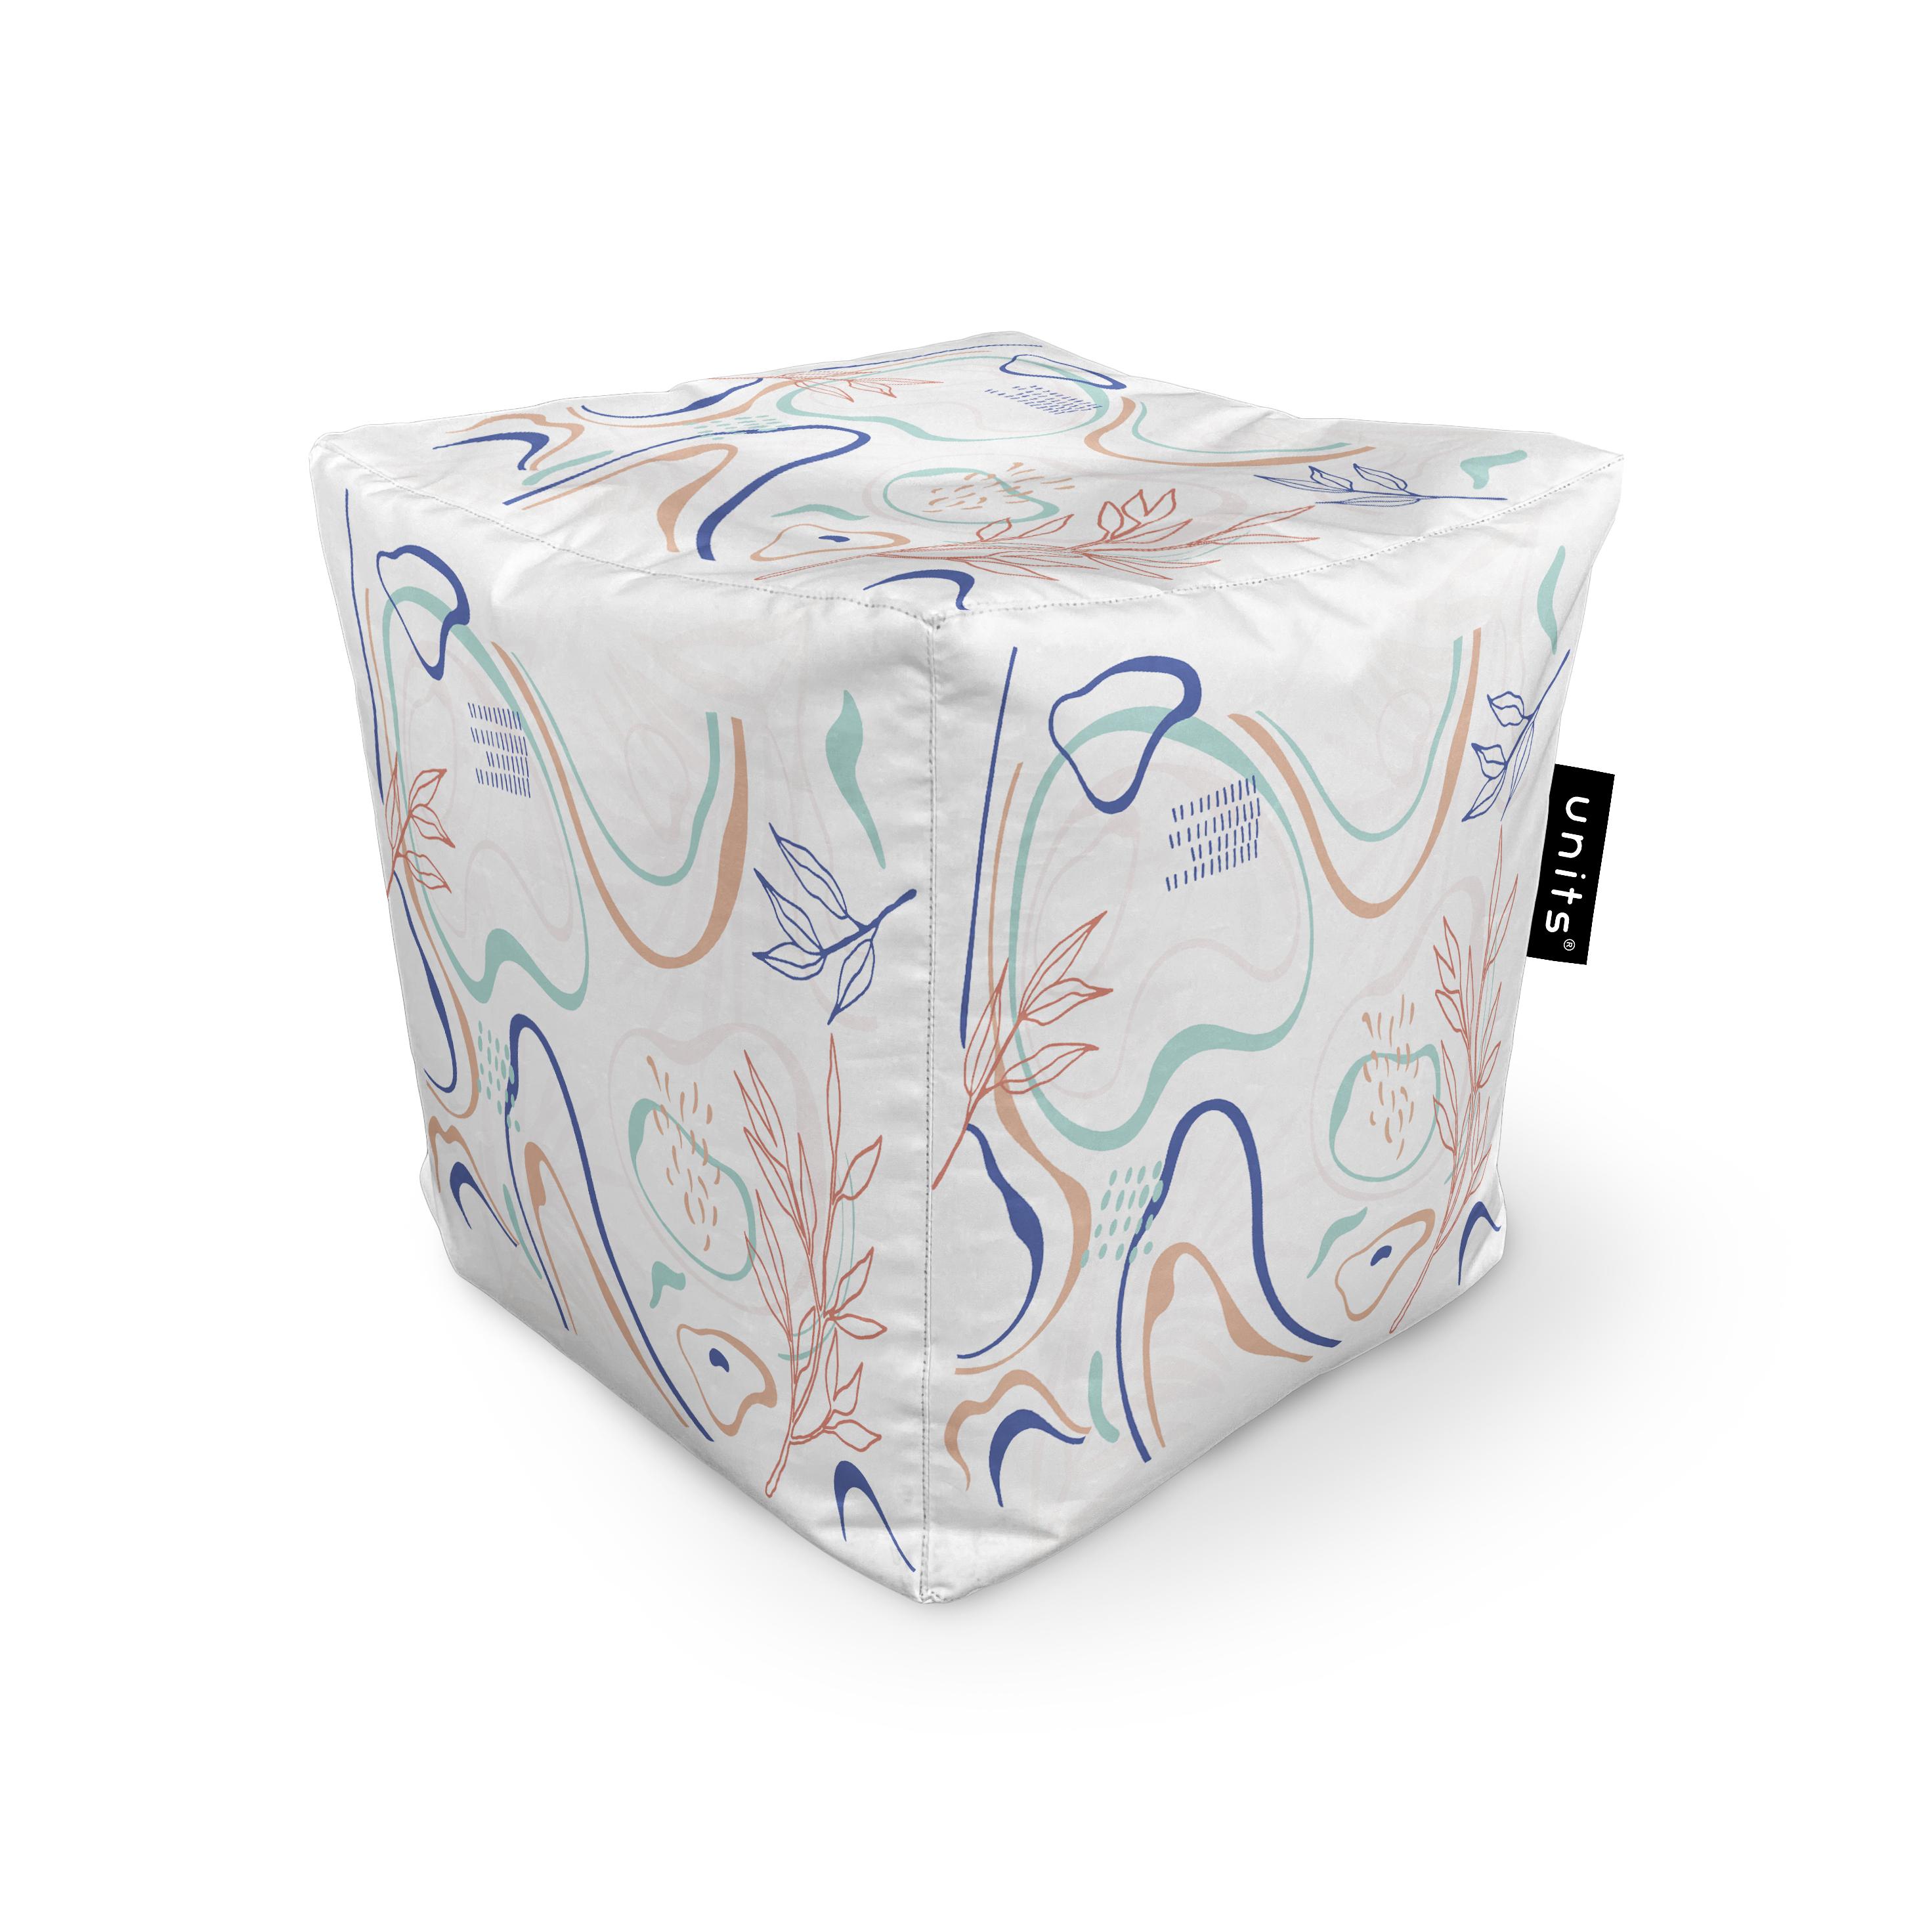 Fotoliu units puf (bean bags) tip cub, impermeabil, alb cu linii albastre si crem imagine